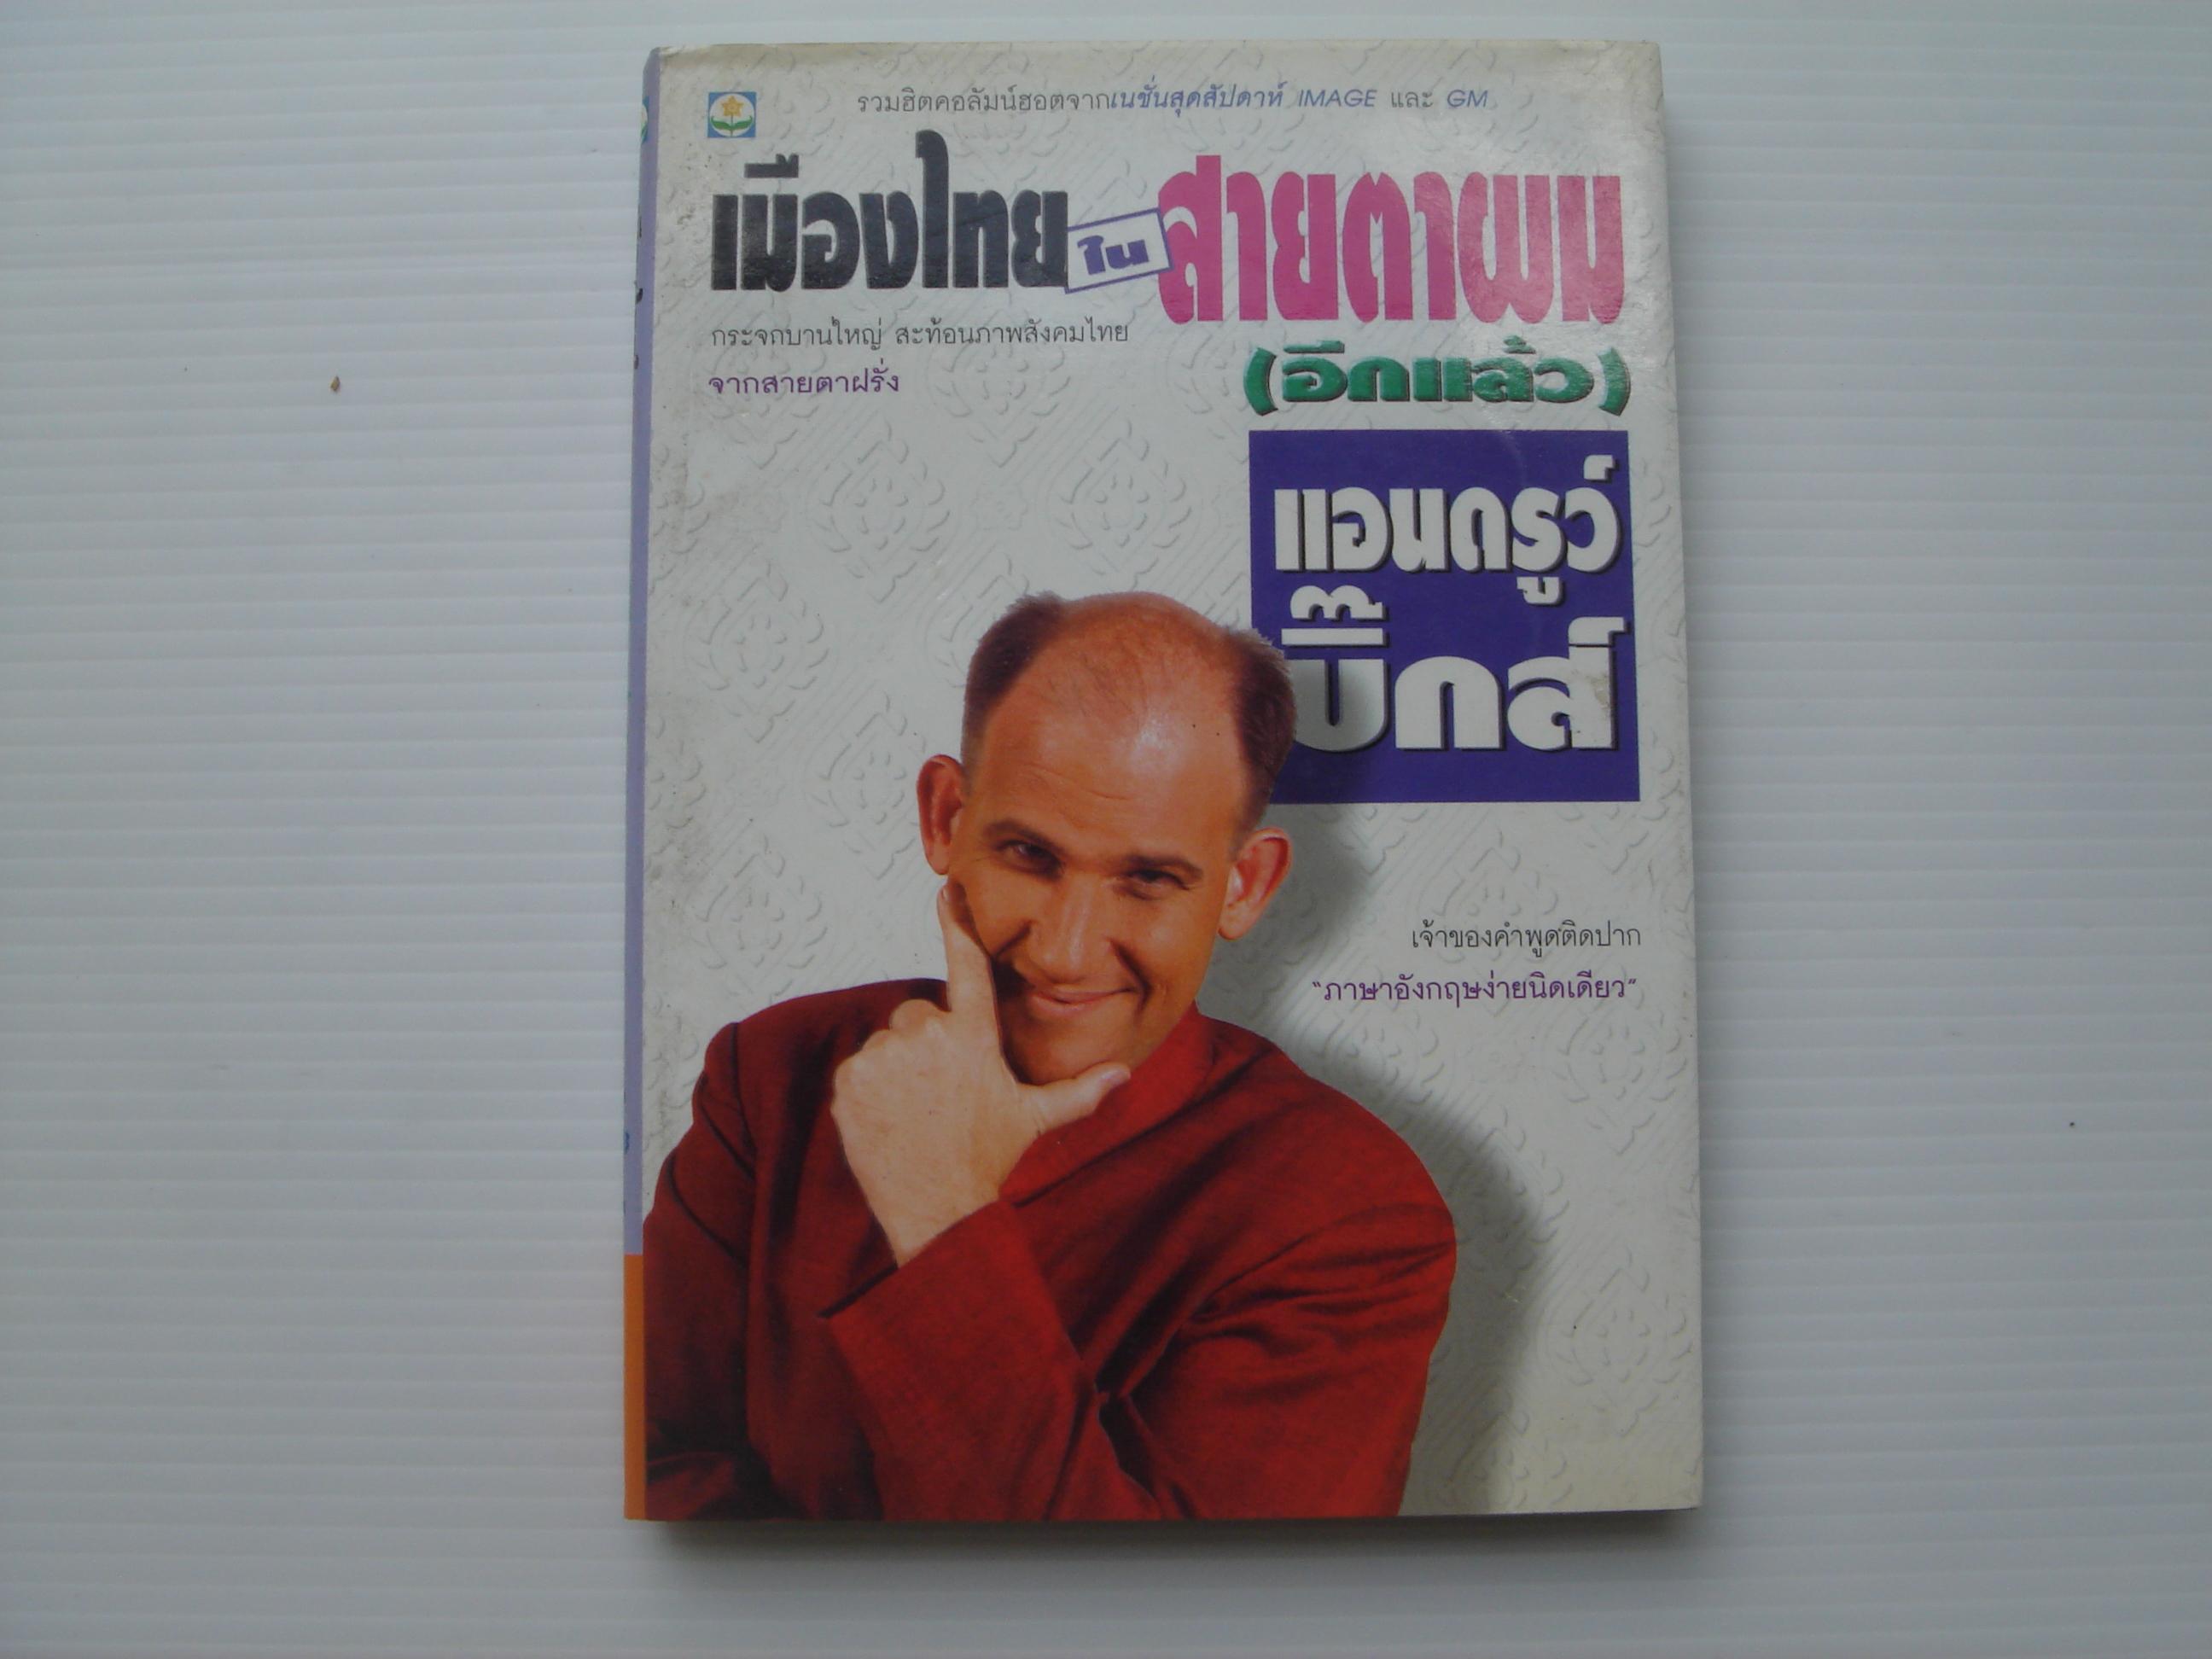 เมืองไทยในสายตาผม (อีกแล้ว) แอนดรูว์ บิ๊กส์